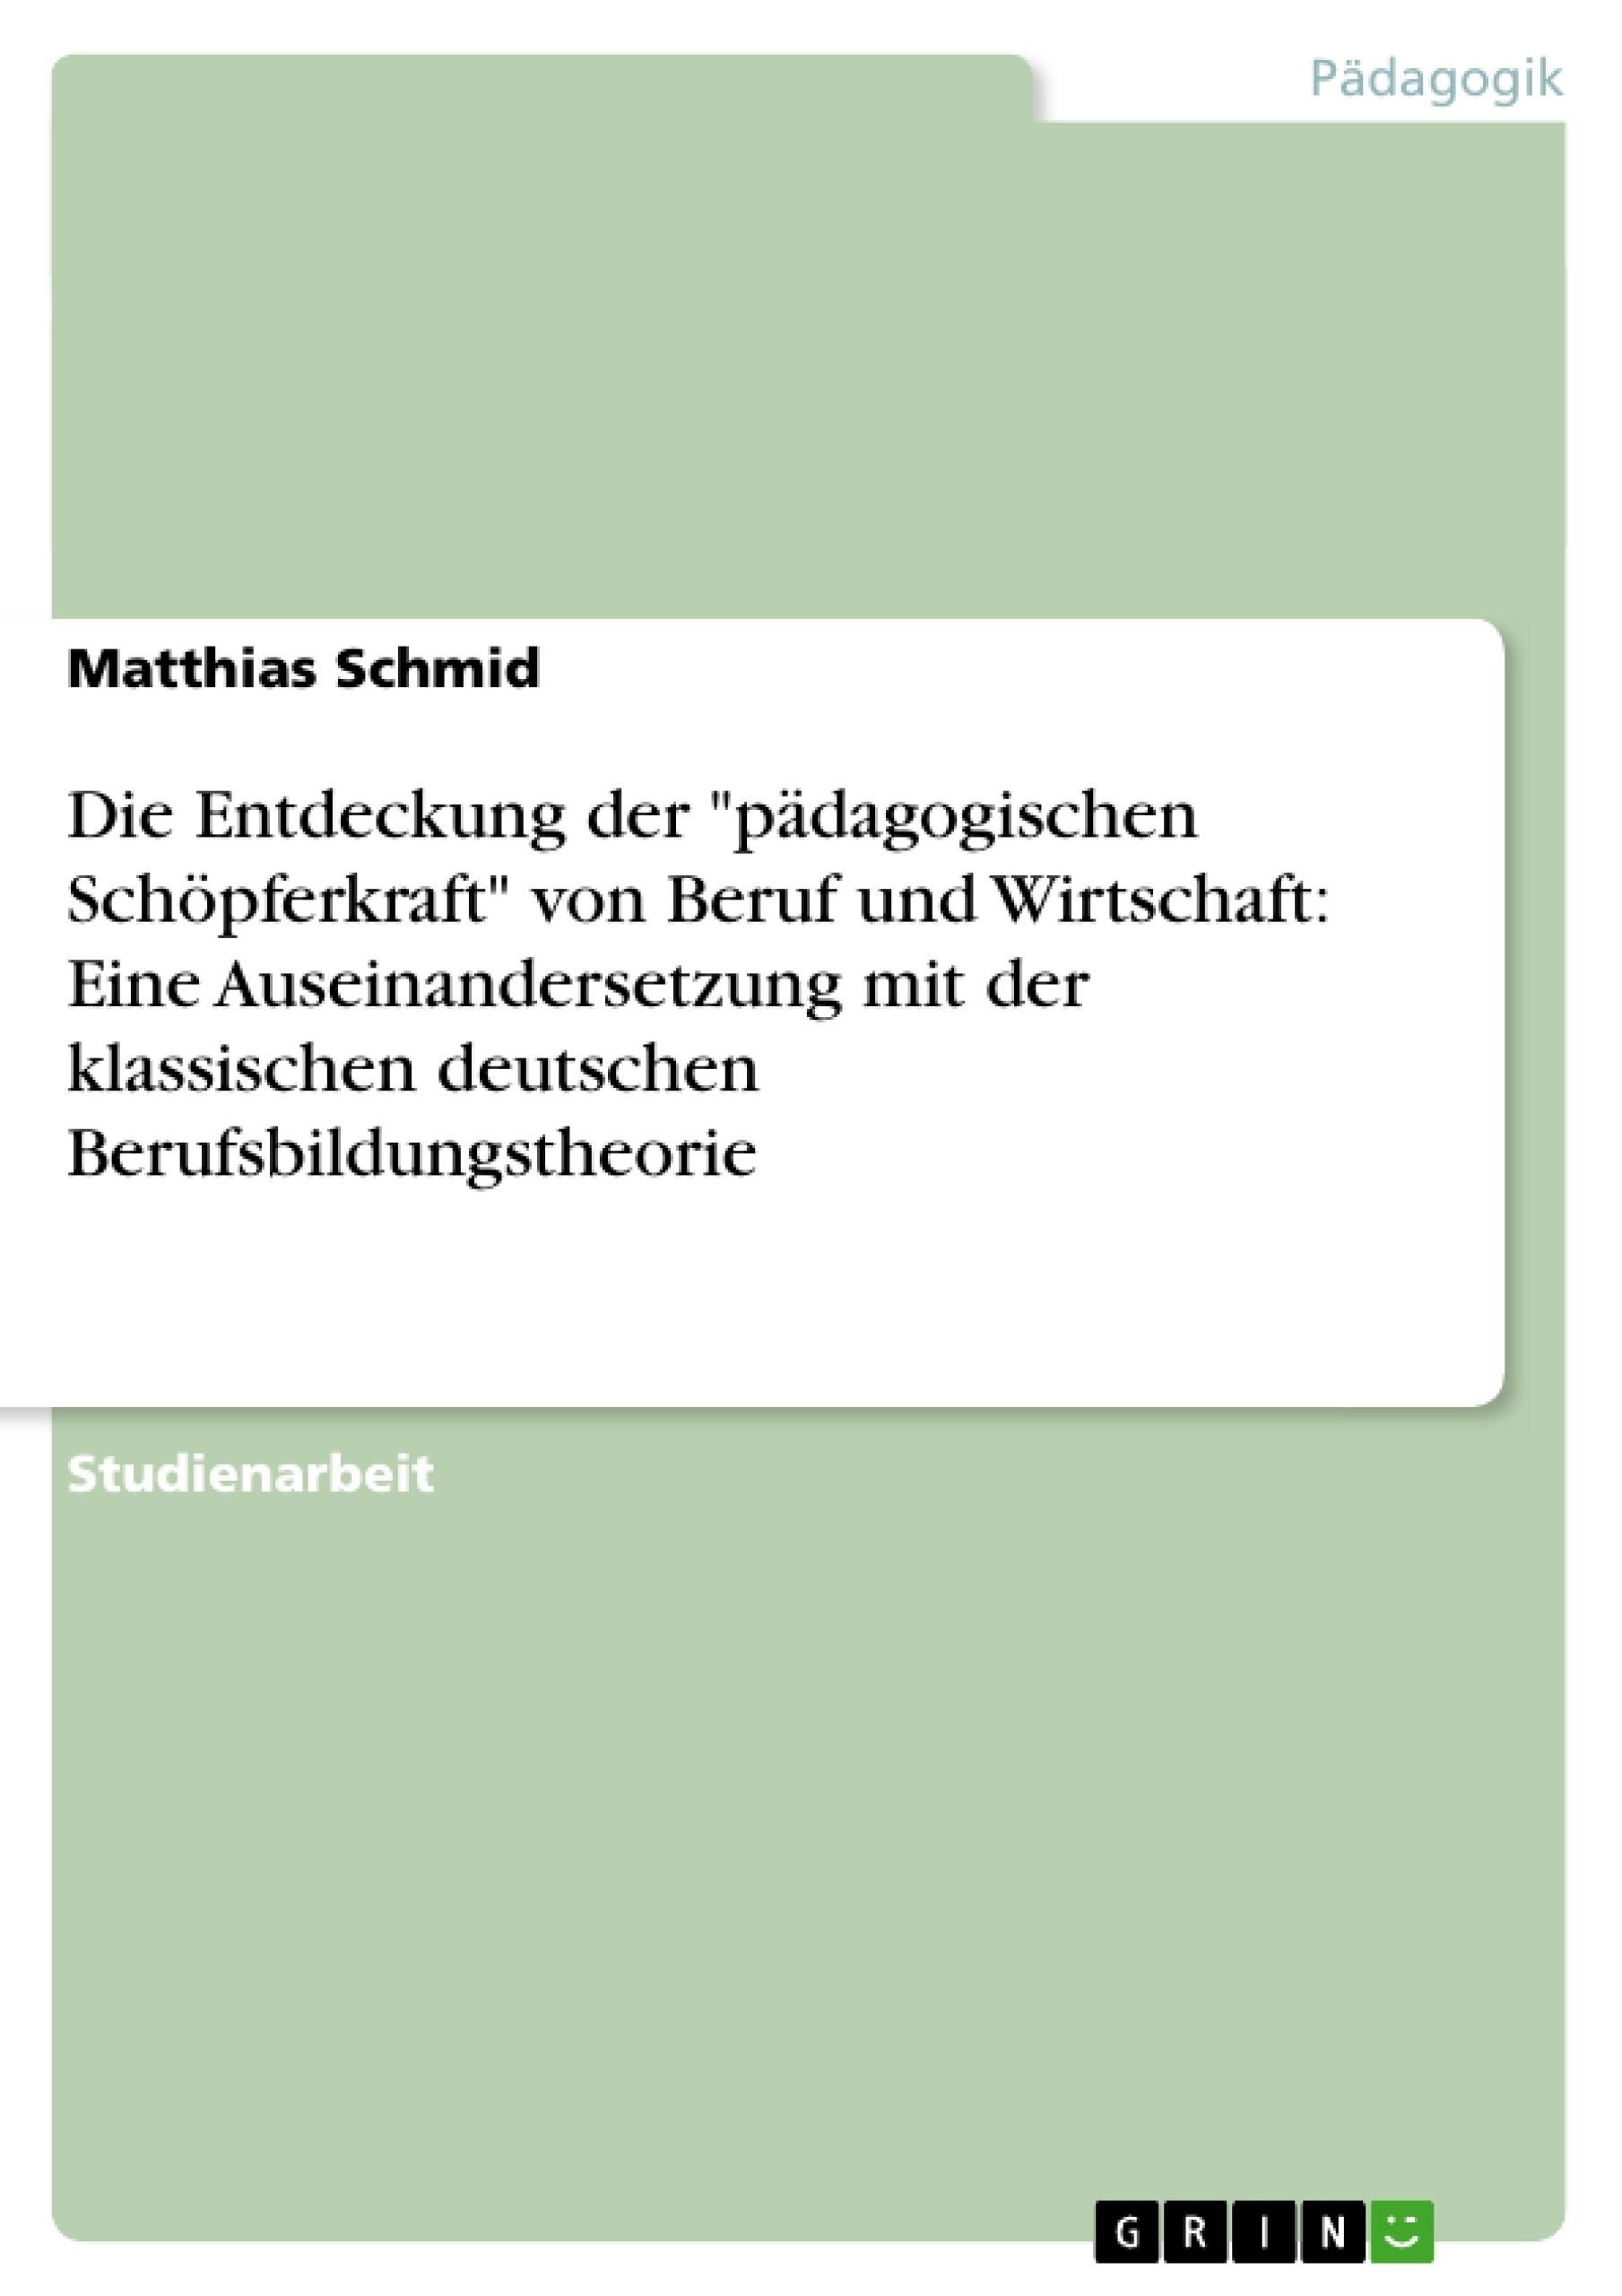 """Titel: Die Entdeckung der """"pädagogischen Schöpferkraft"""" von Beruf und Wirtschaft: Eine Auseinandersetzung mit der klassischen deutschen Berufsbildungstheorie"""